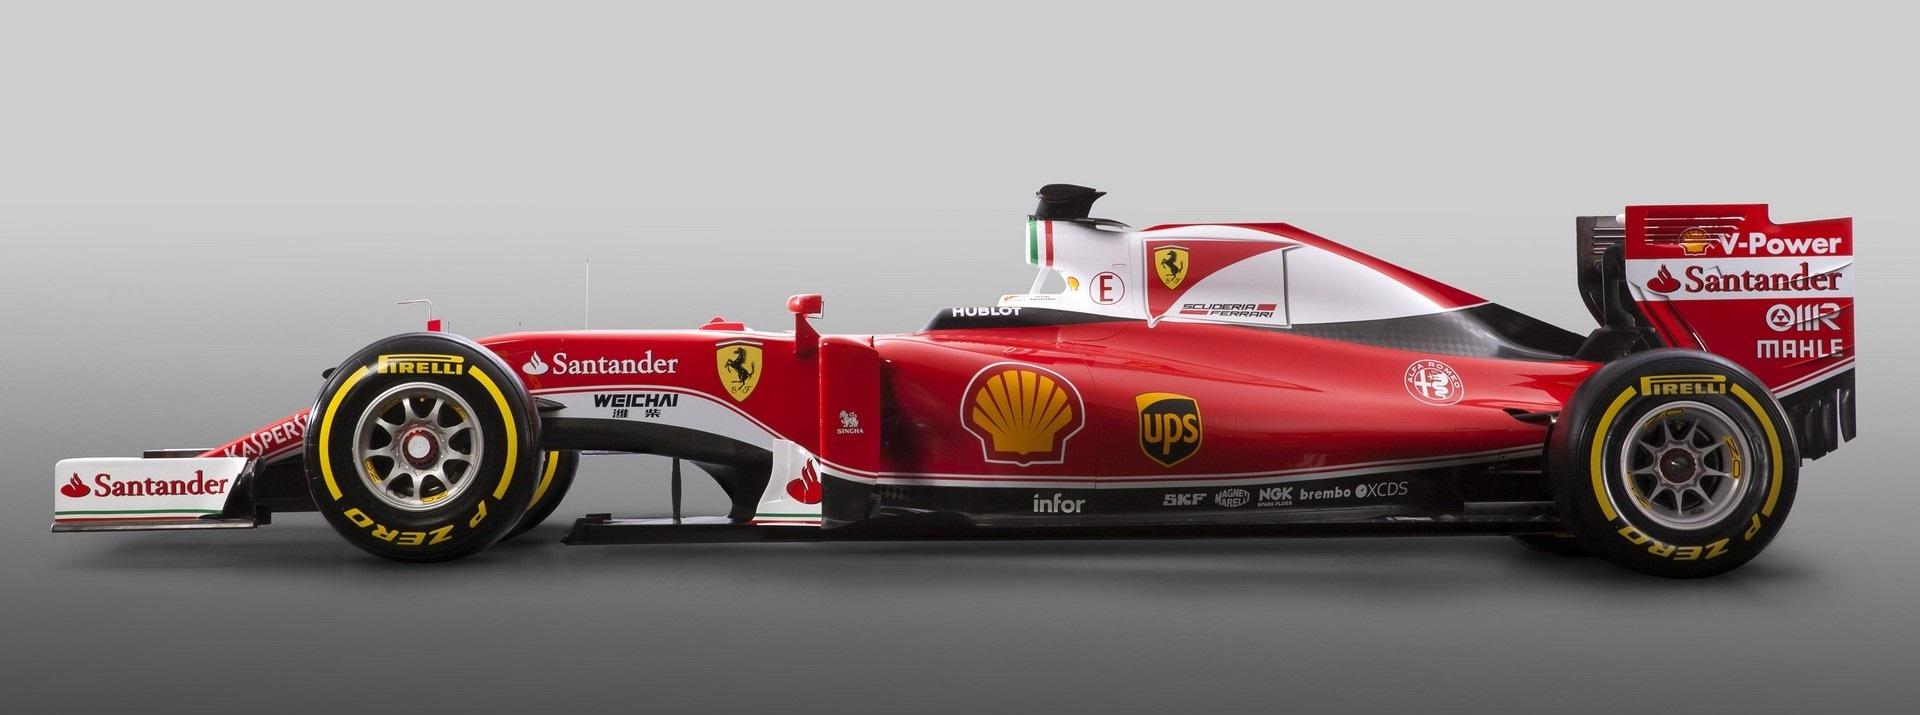 Ferrari SF16H Lateral